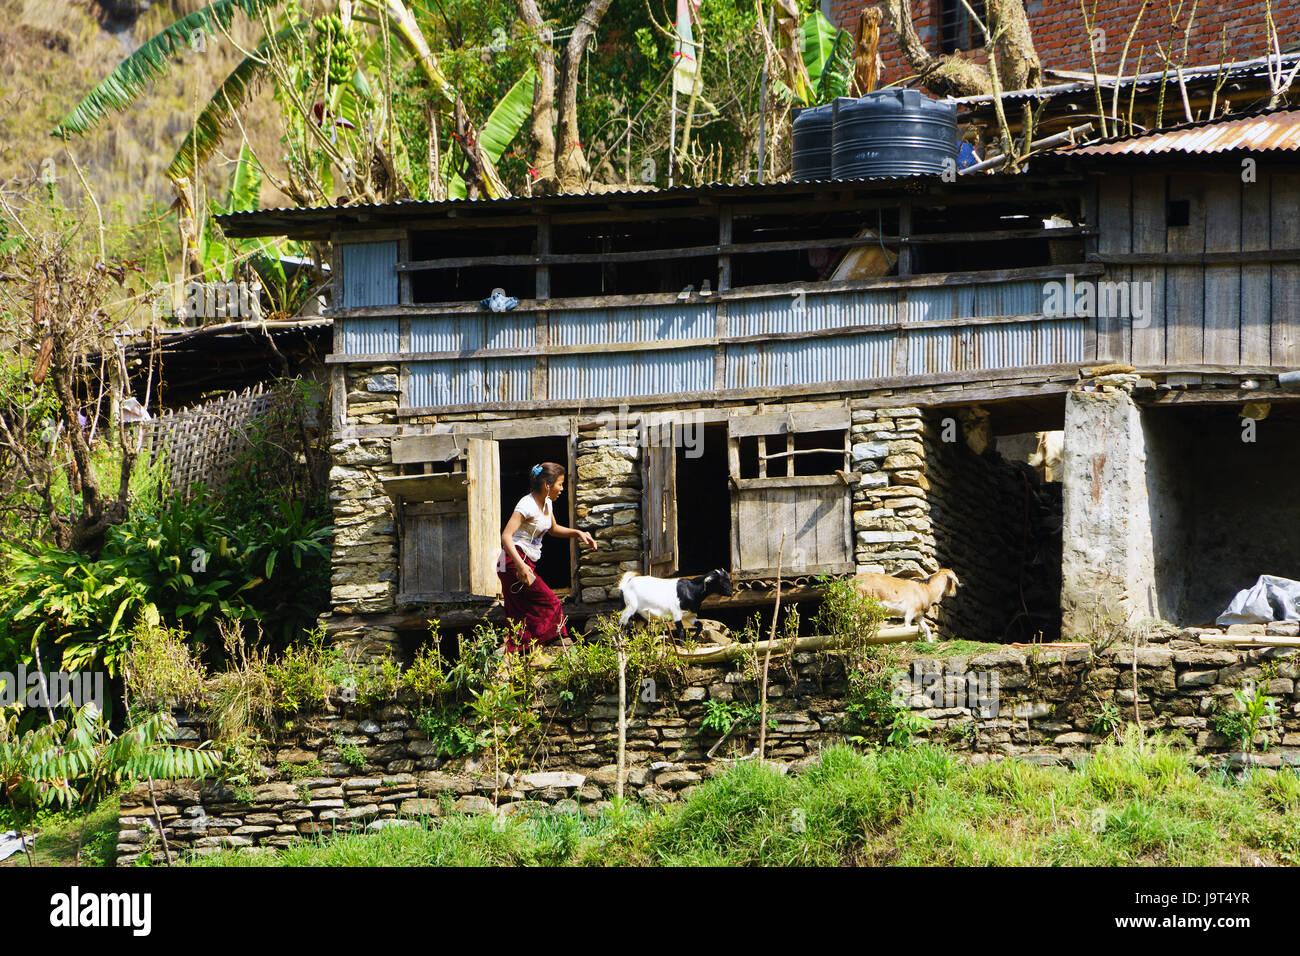 Junge Frau tendenziell Ziegen in Bahundanda, Lamjung Bezirk, Nepal. Stockbild